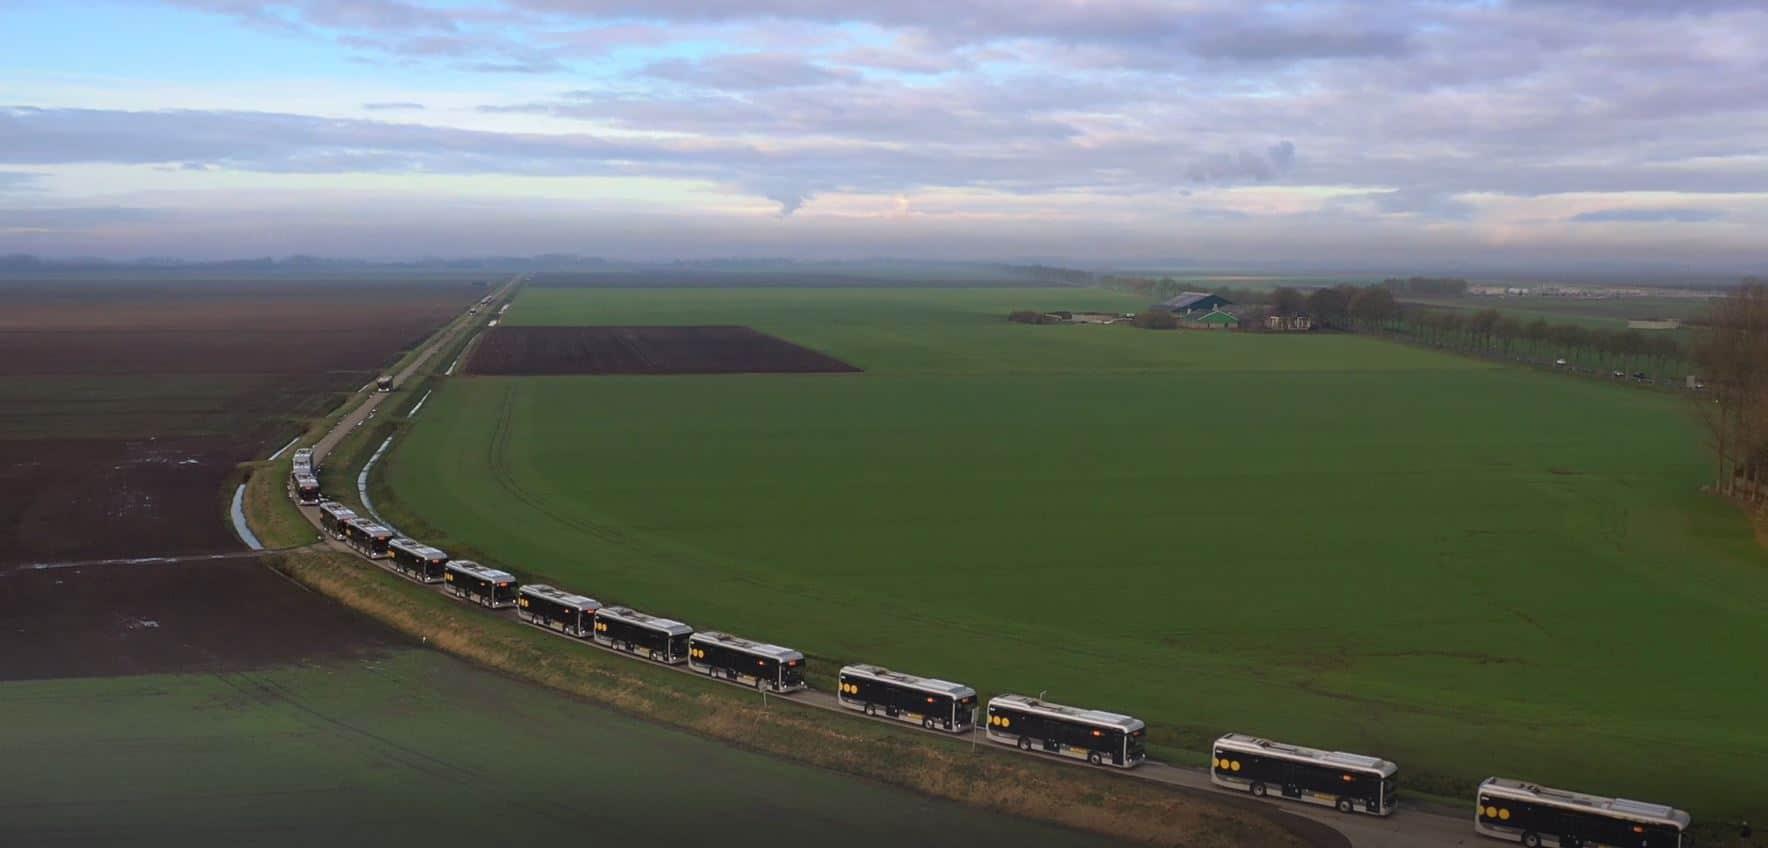 Ebusco 2.2 arriving in Groningen